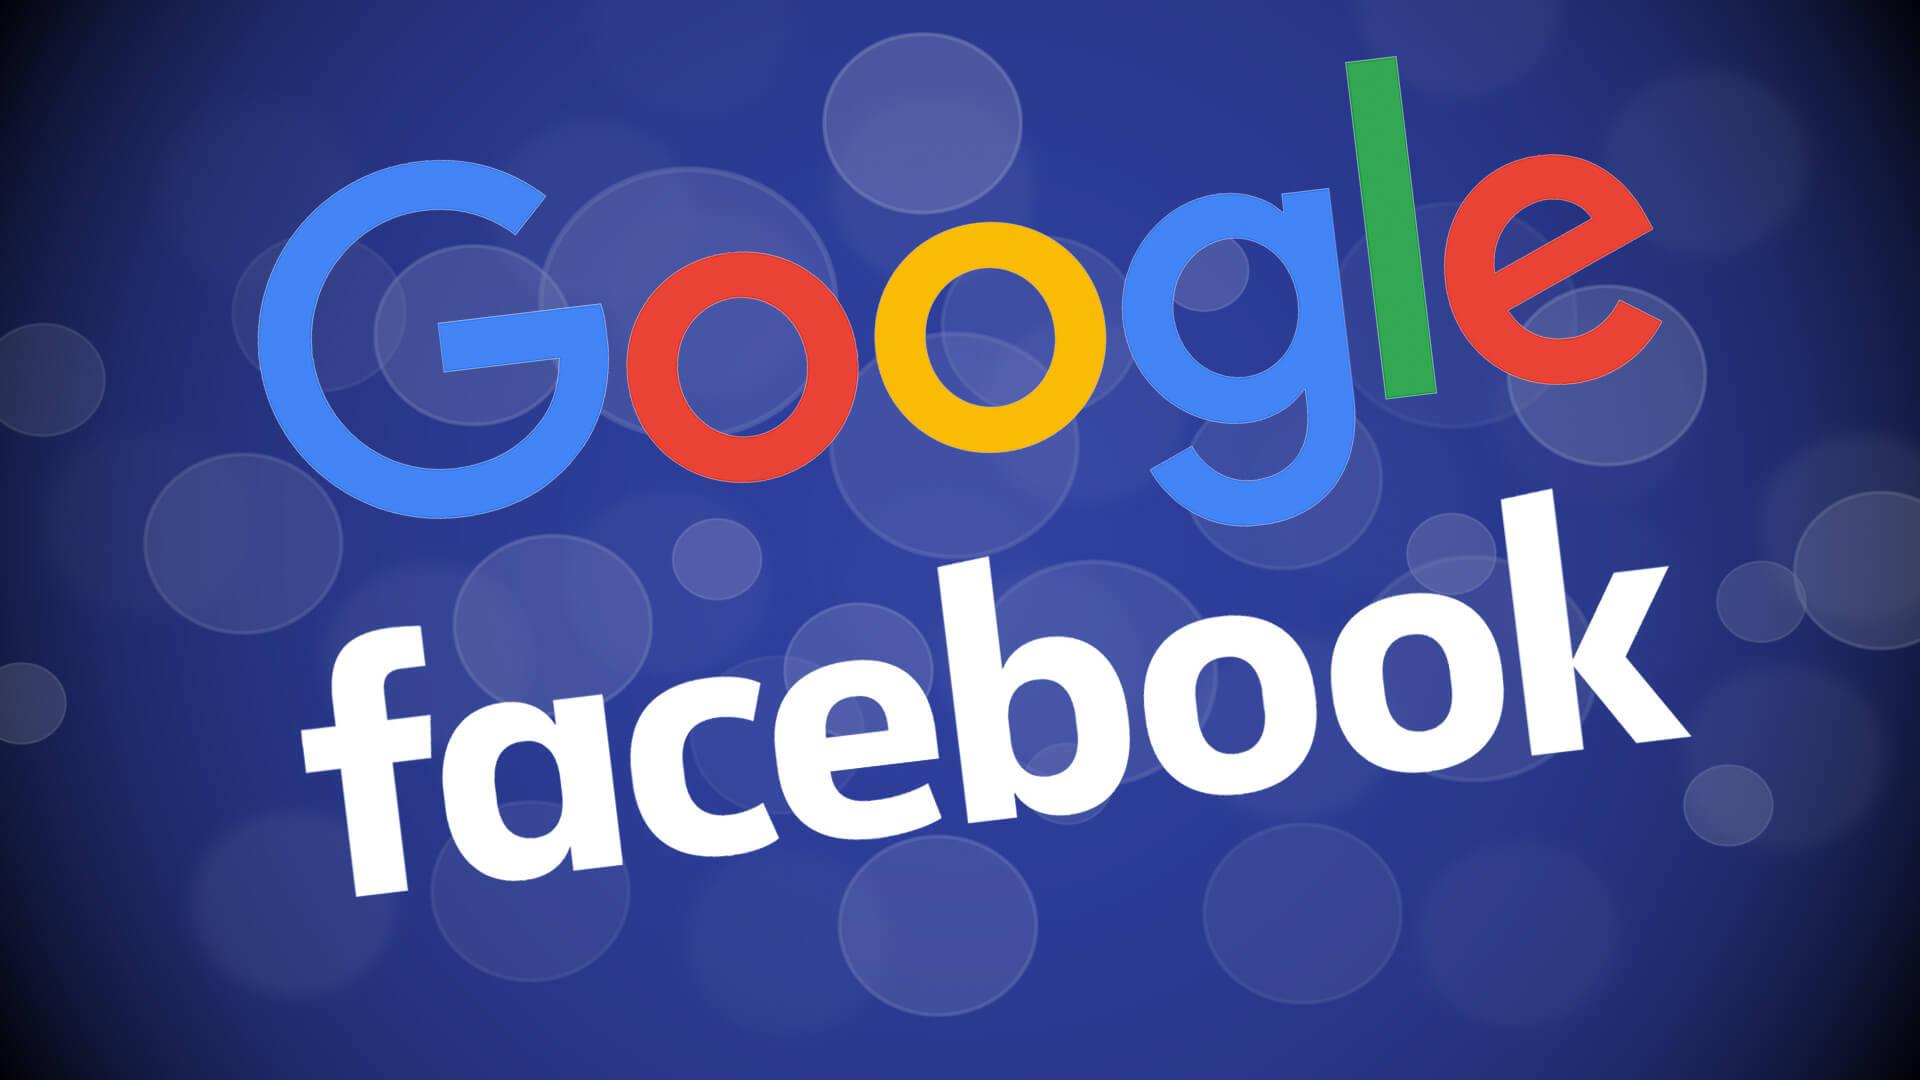 Google e Facebook, insieme per lottare contro le notizie false